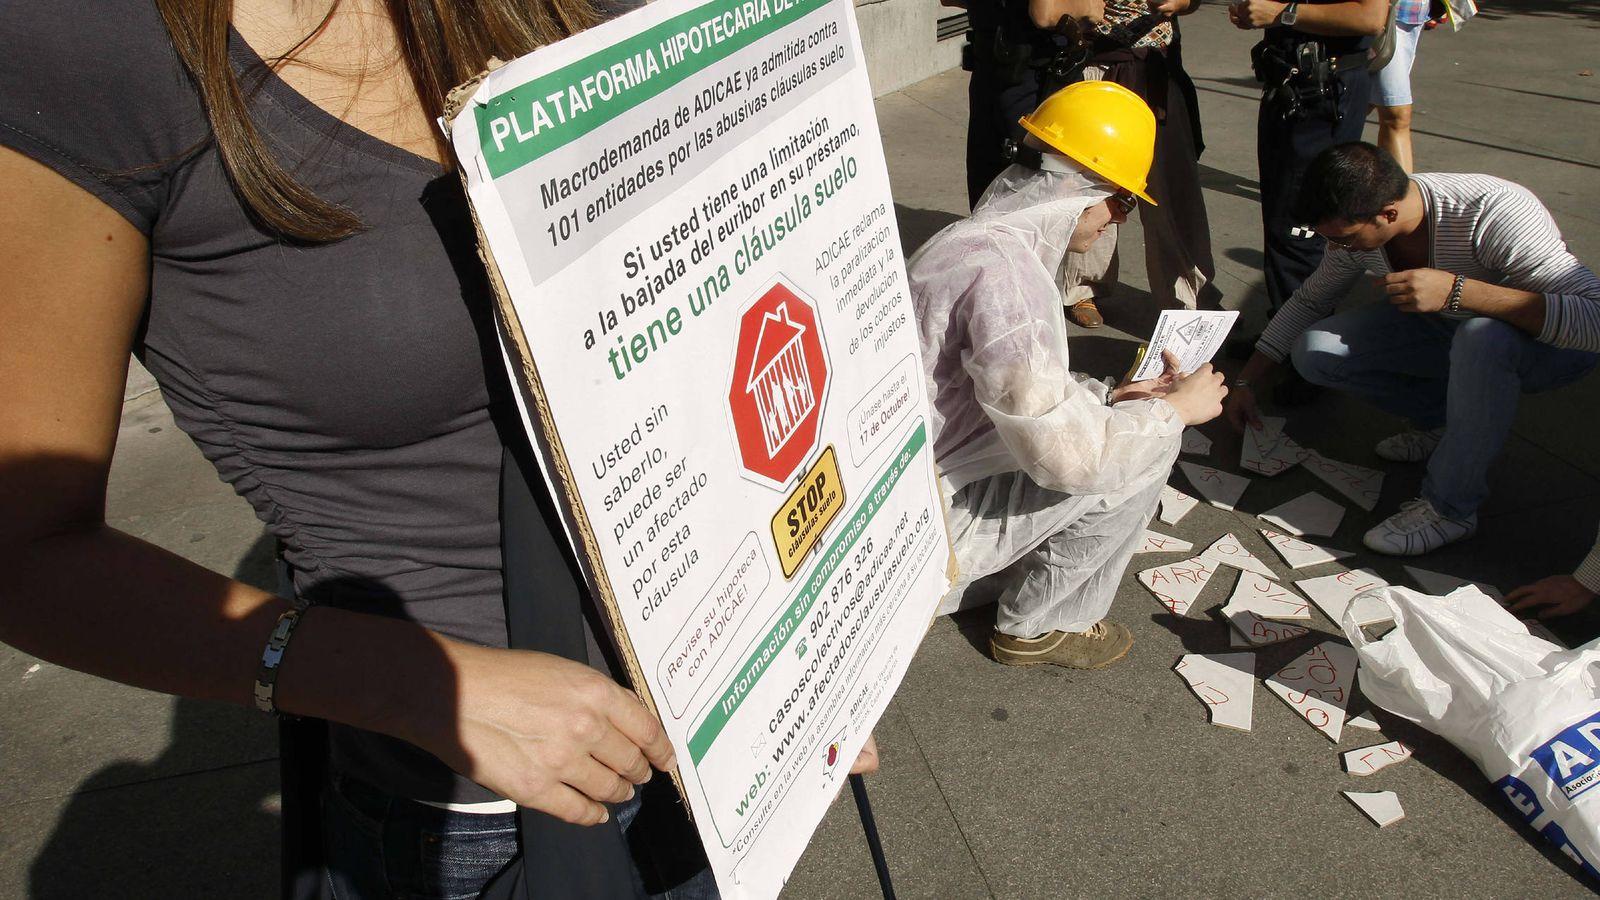 Foto: Acción reivindicativa contra las cláusulas suelo (Efe).